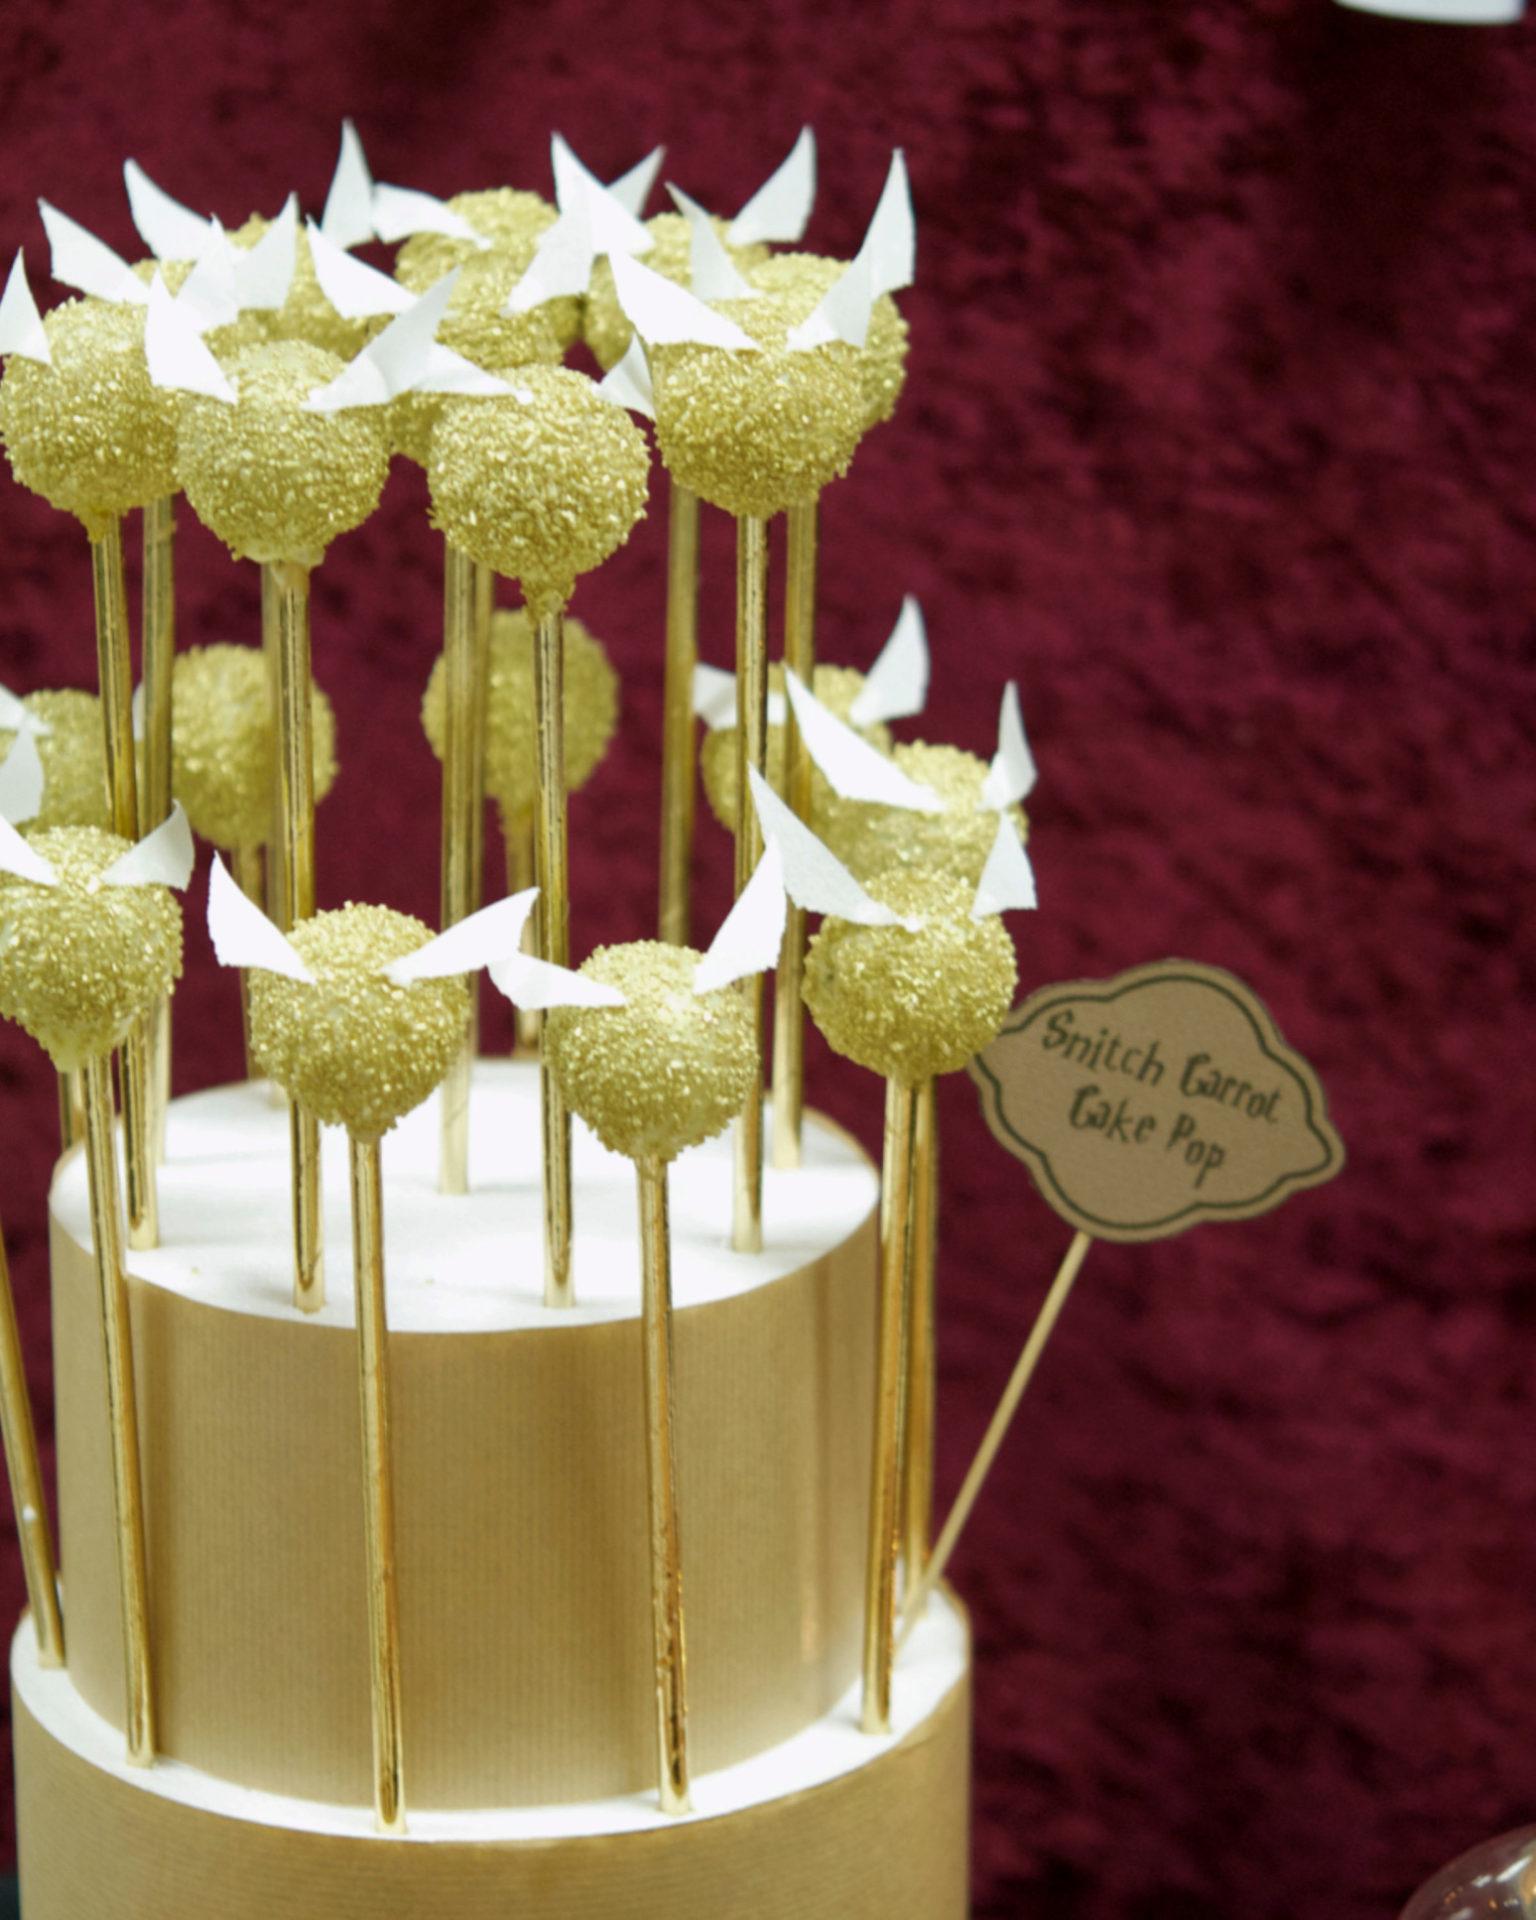 Curso magnum cakesicles, mericakes, curso reposteria, barcelona, curso cakepops, paletas, gourmet cake, 4